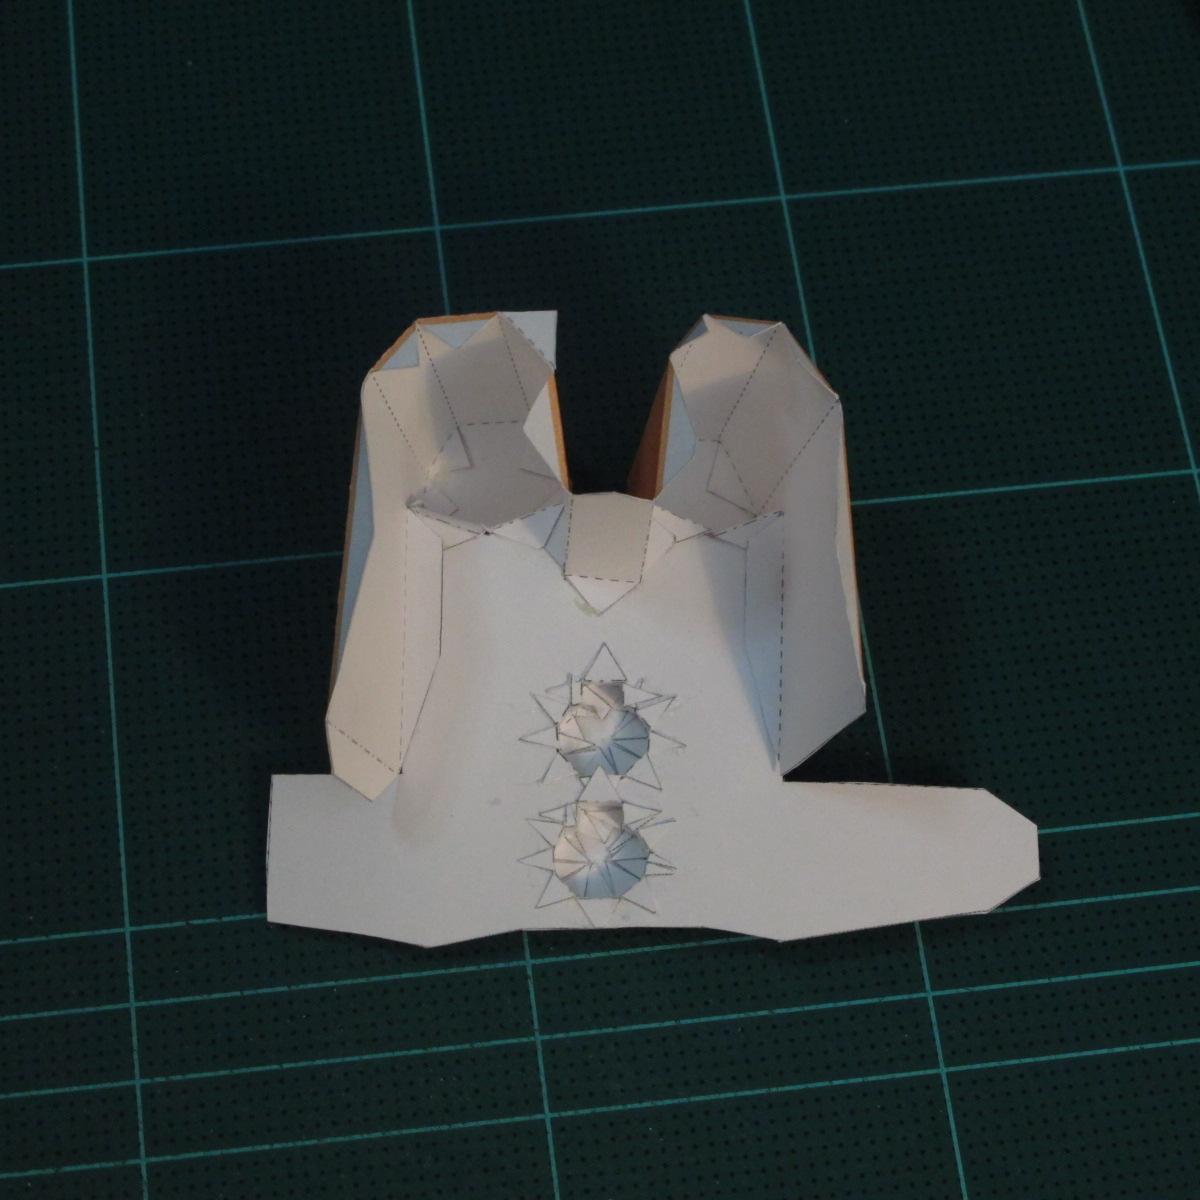 วิธีทำโมเดลกระดาษตุ้กตาคุกกี้รัน คุกกี้ผู้กล้าหาญ แบบที่ 2 (LINE Cookie Run Brave Cookie Papercraft Model Version 2) 011